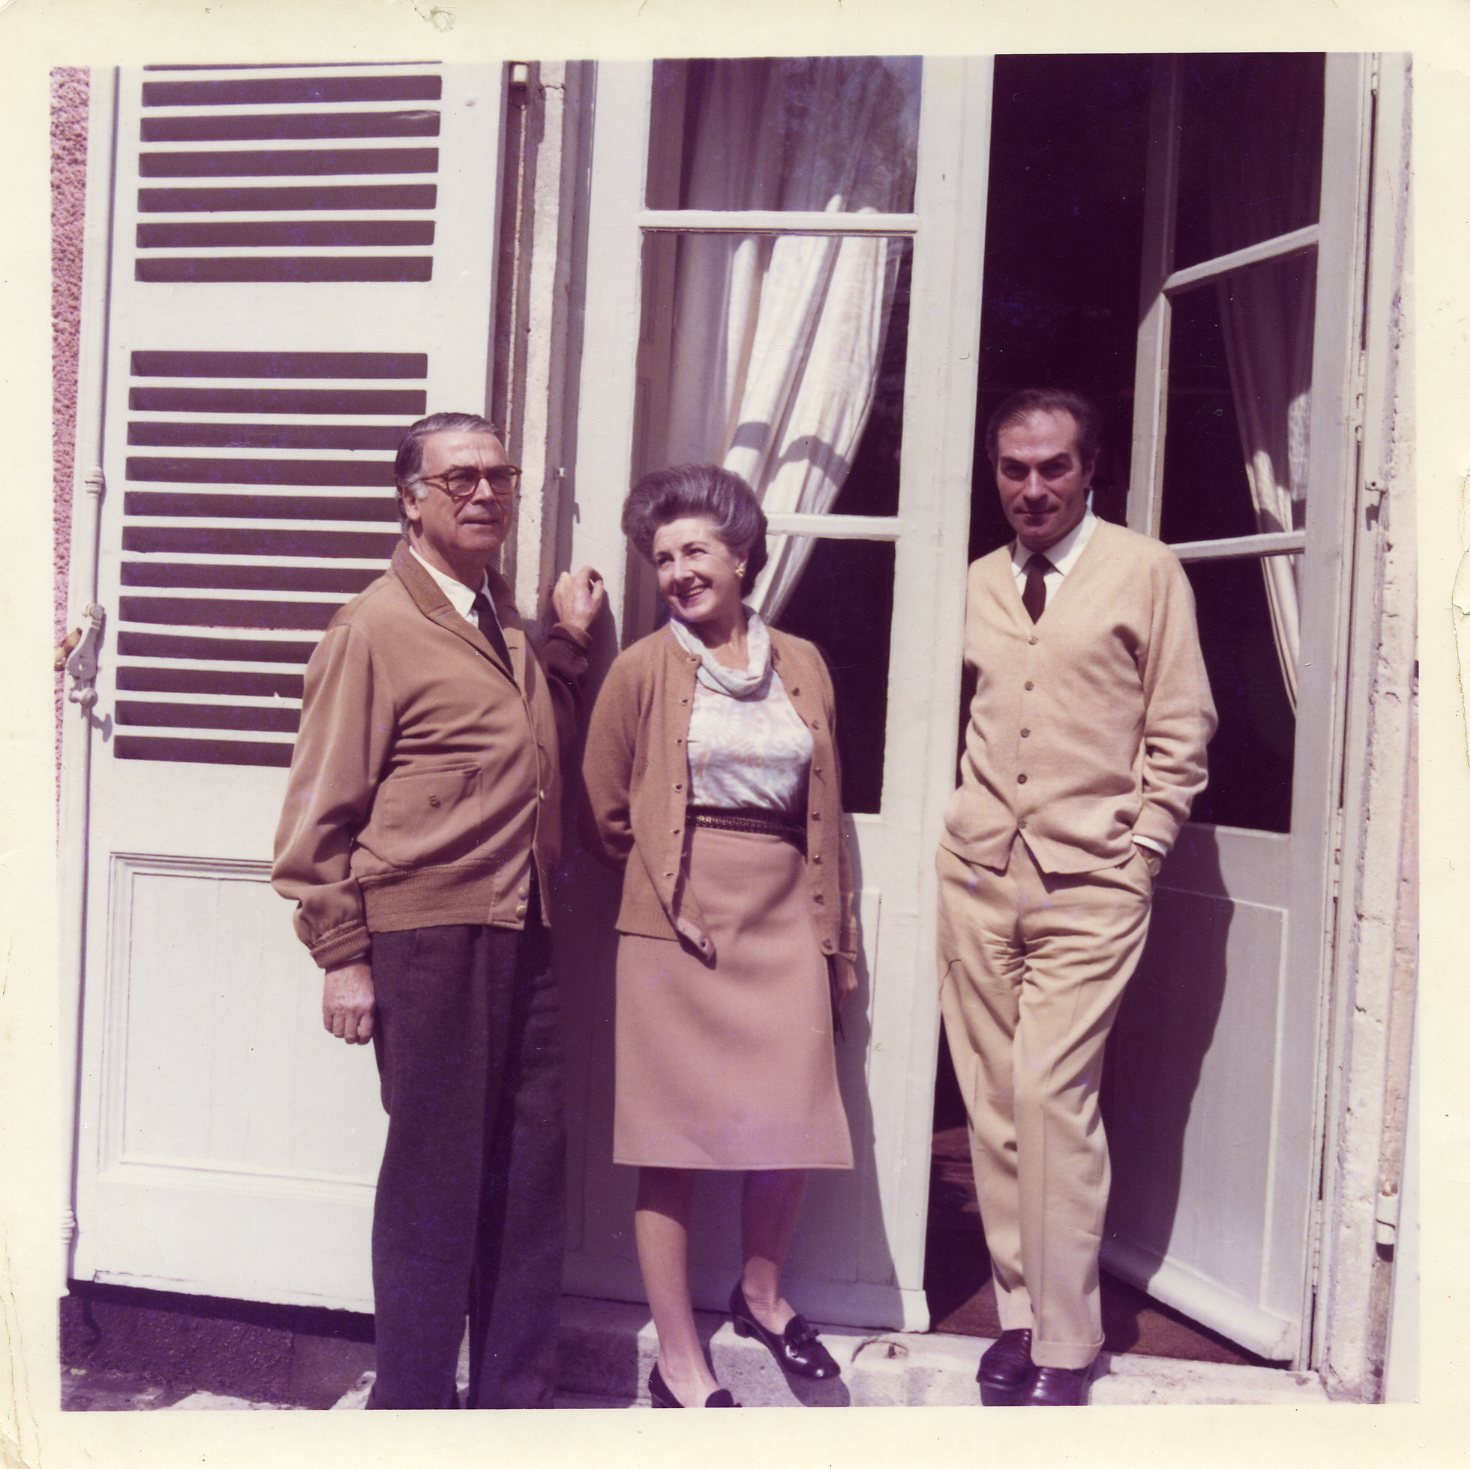 Fotografia de Cristobal Balenciaga con Ramón Esparza y Asunción Elosegui, Sra de Calparsoro.